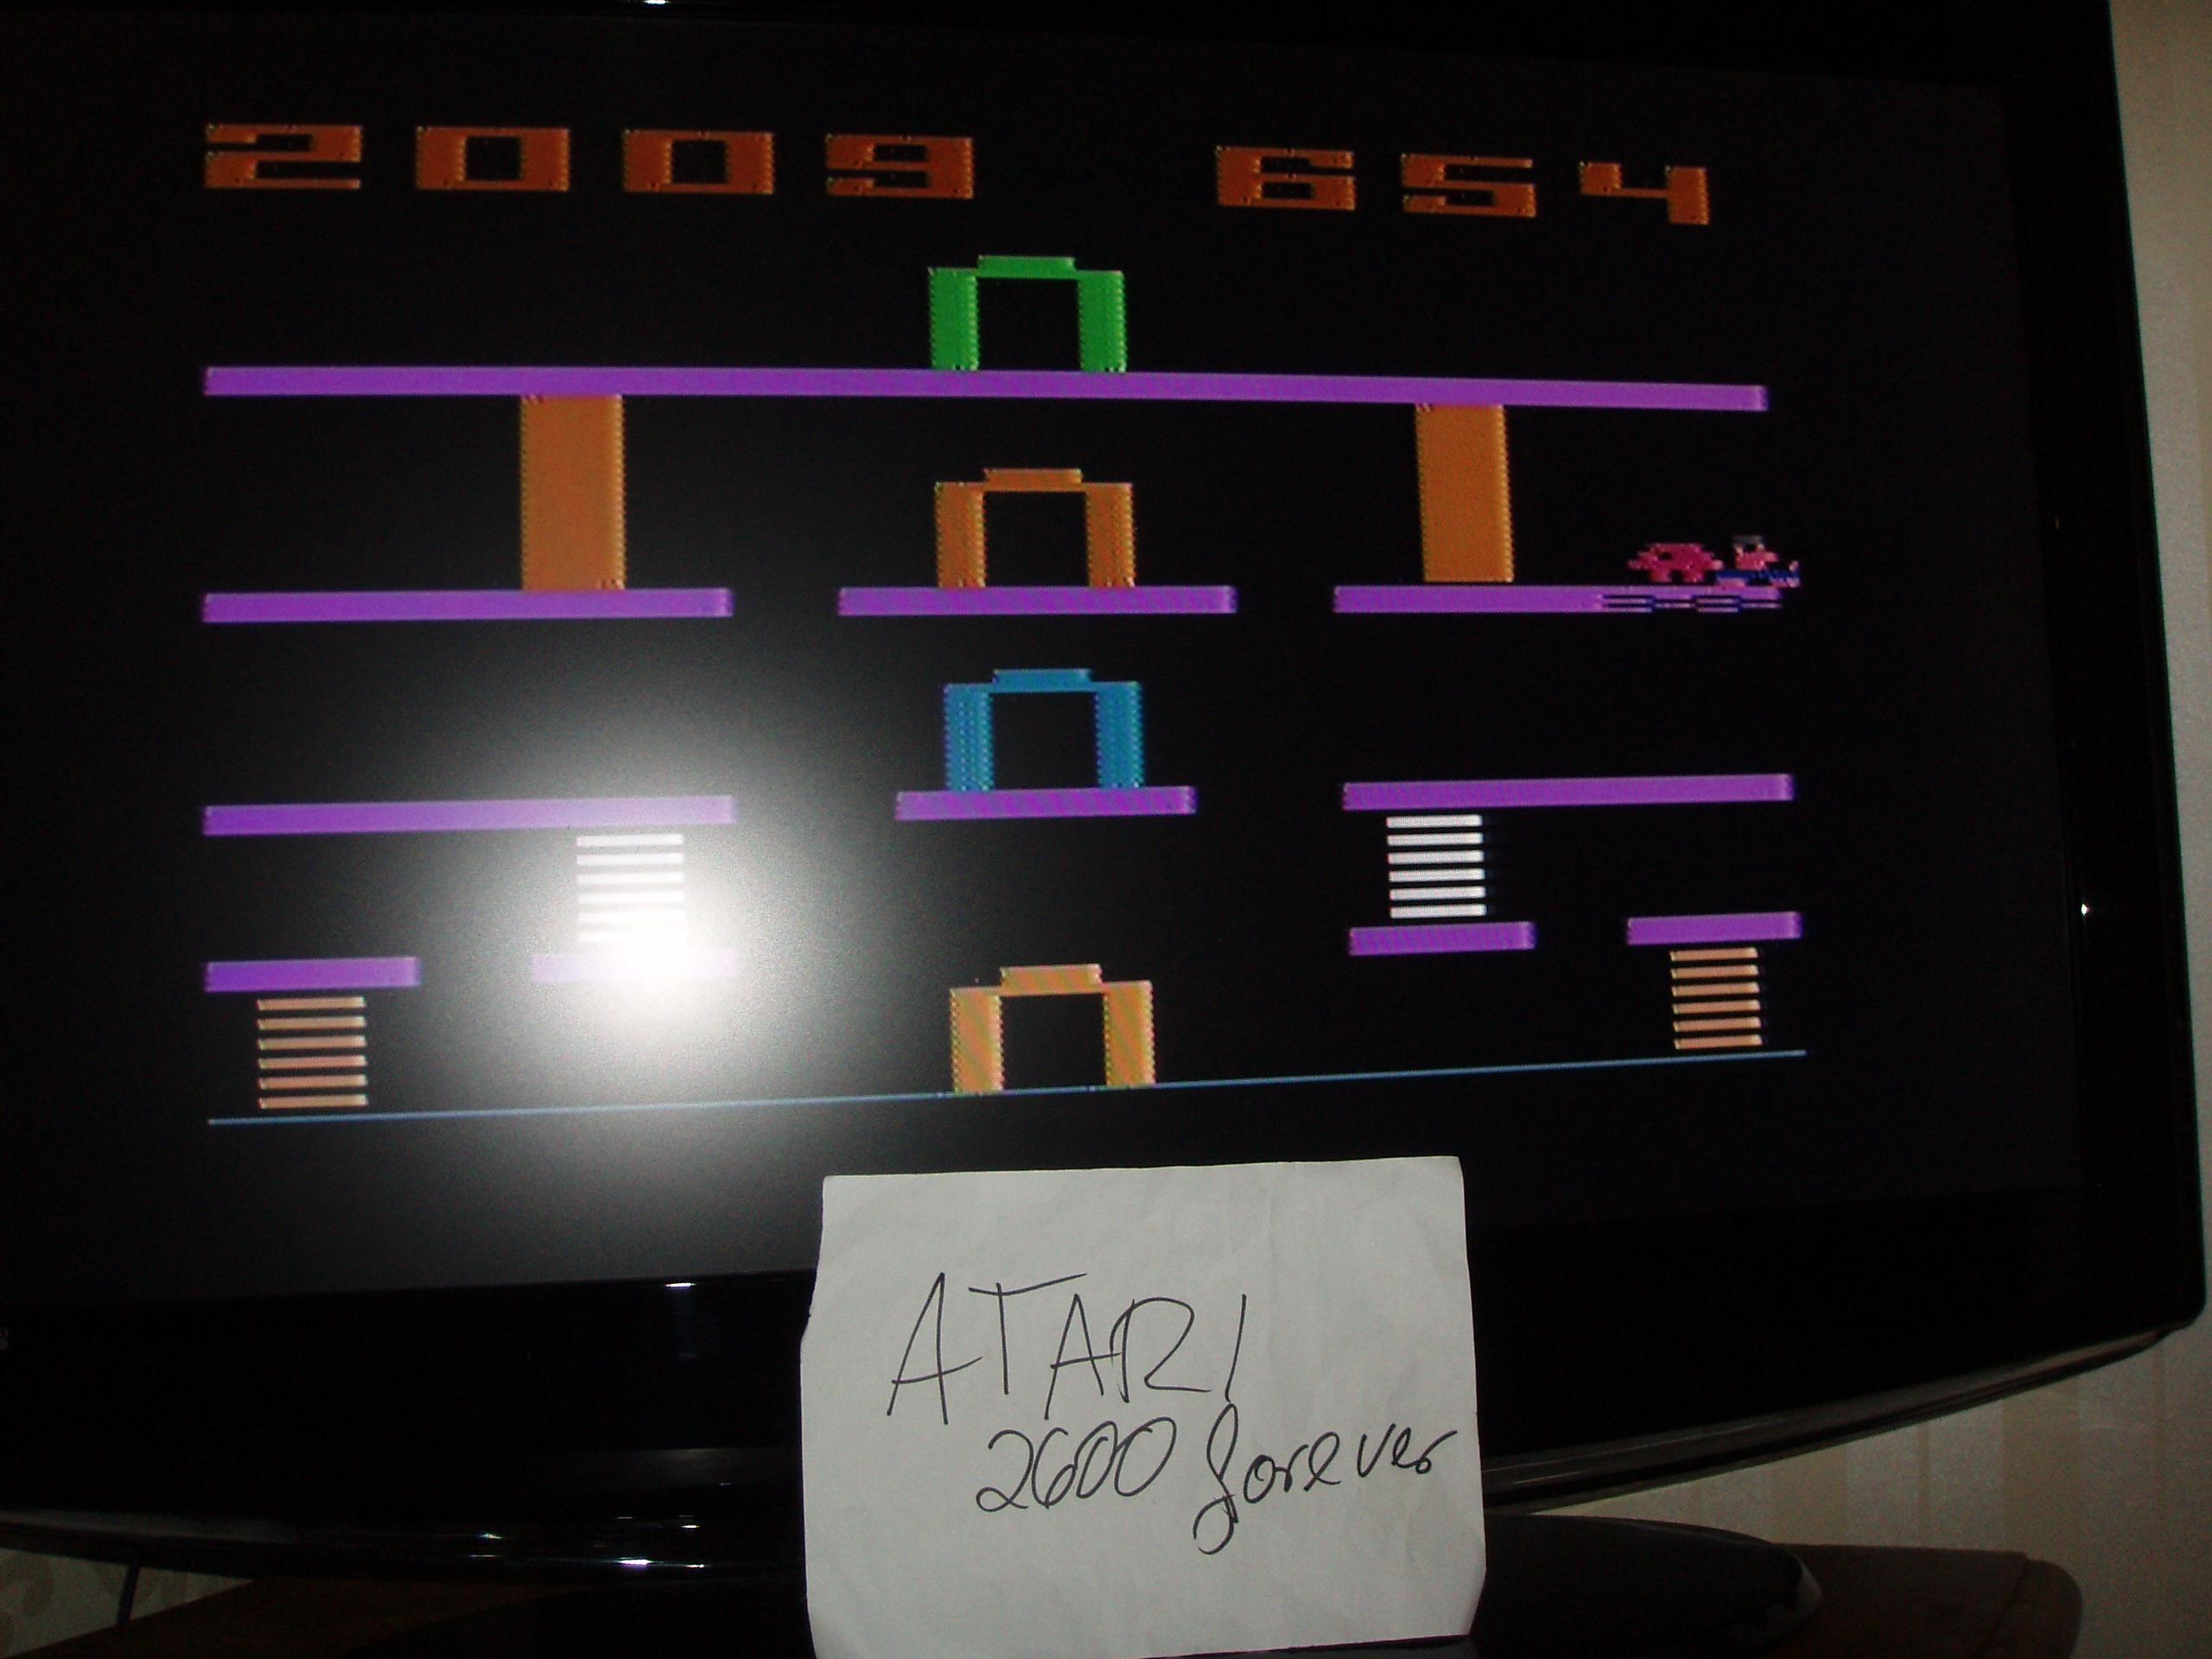 atari2600forever: Miner 2049er (Atari 2600 Novice/B) 2,009 points on 2019-04-04 04:24:15